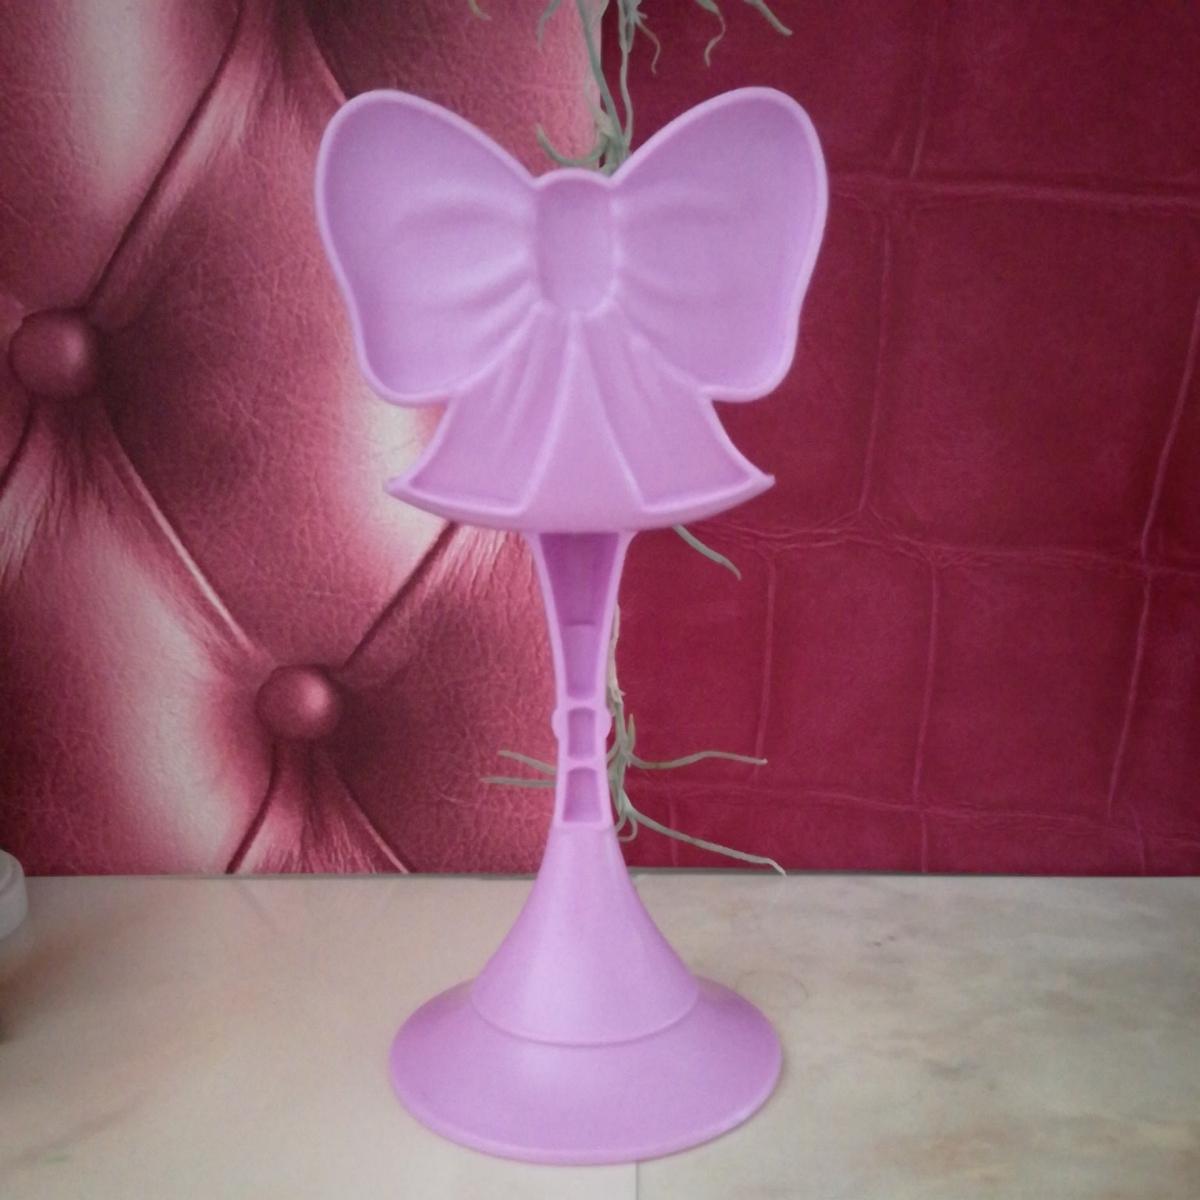 複数有 人形用小物 パープル リボン 椅子 いす イス チェア 人形用 バービー ジェニー momoko 27cmドール 1/6サイズドール_画像4